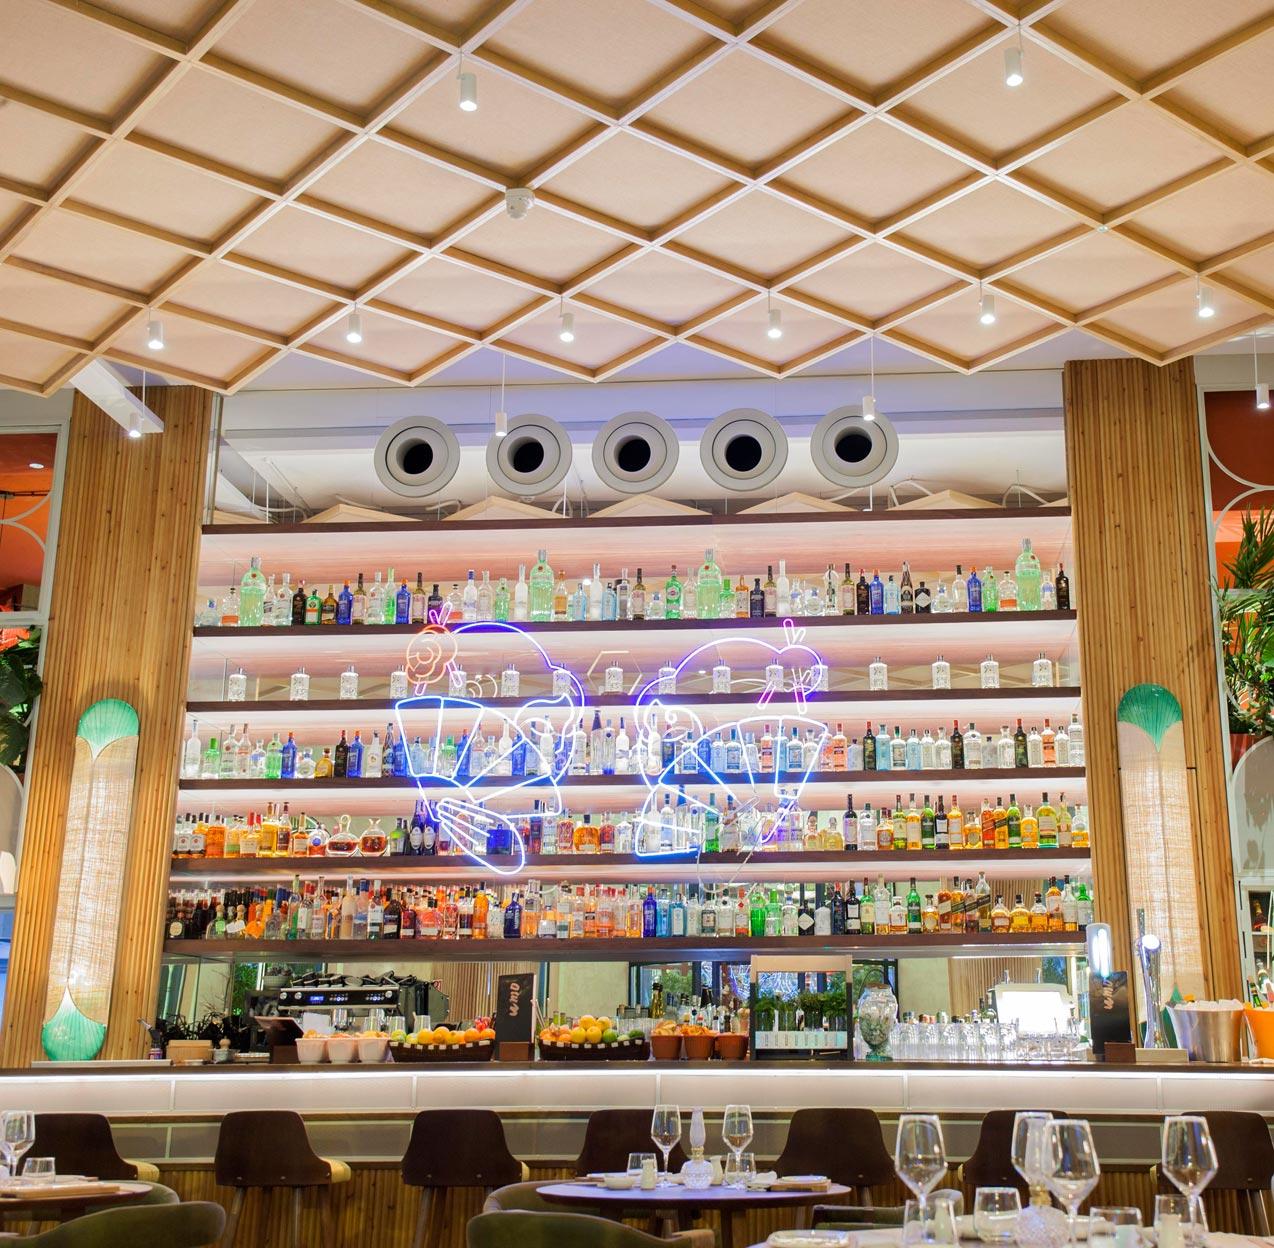 Proyecto de iluminación restaurante Umo Madrid